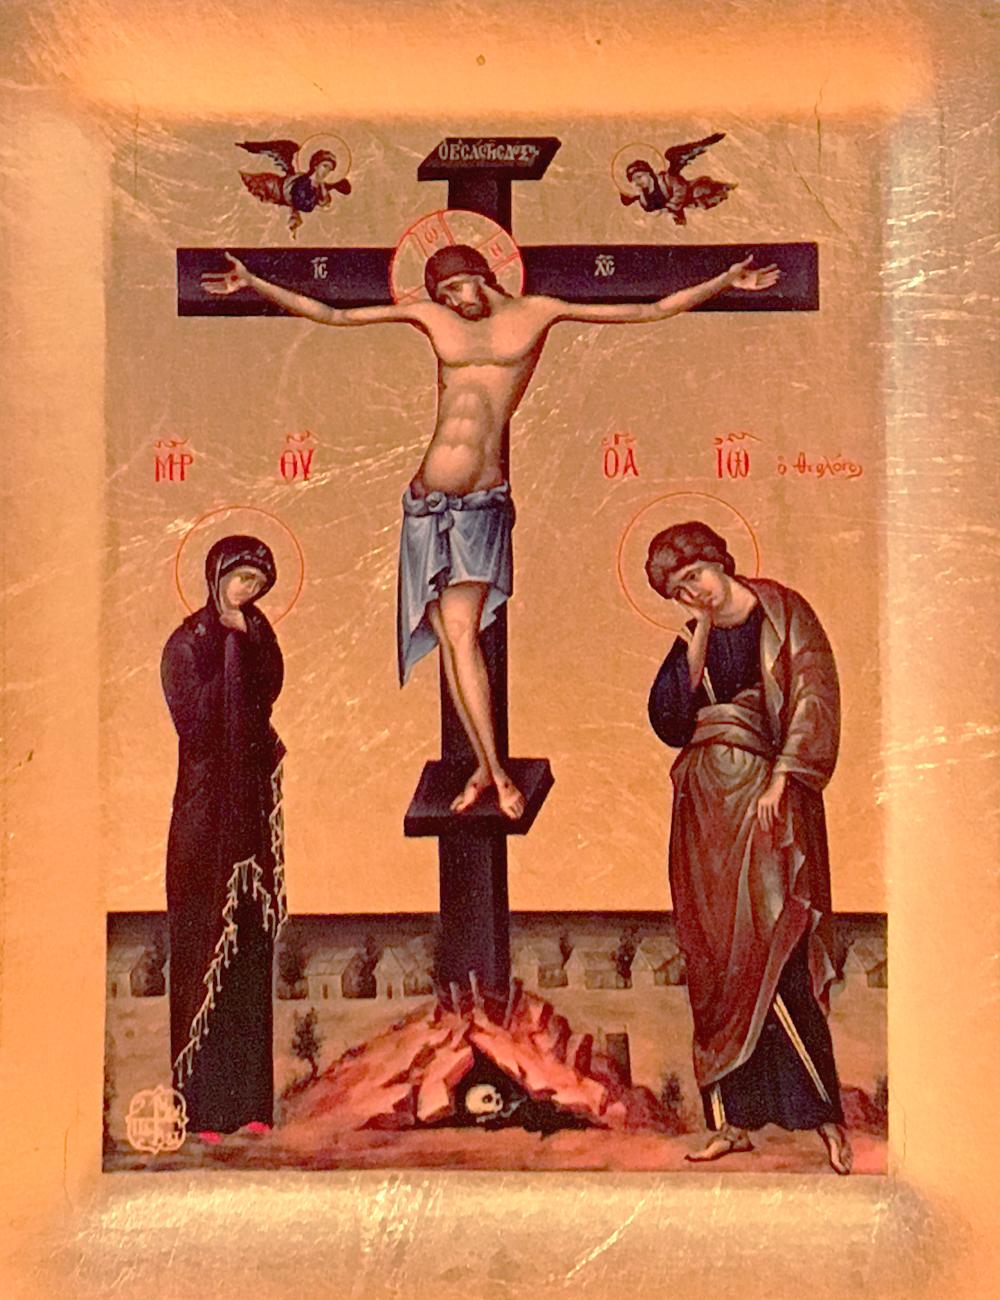 Icoana Rastignirea Domnului - Icoana cu matase si foita de aur, pe lemn (reproducere)